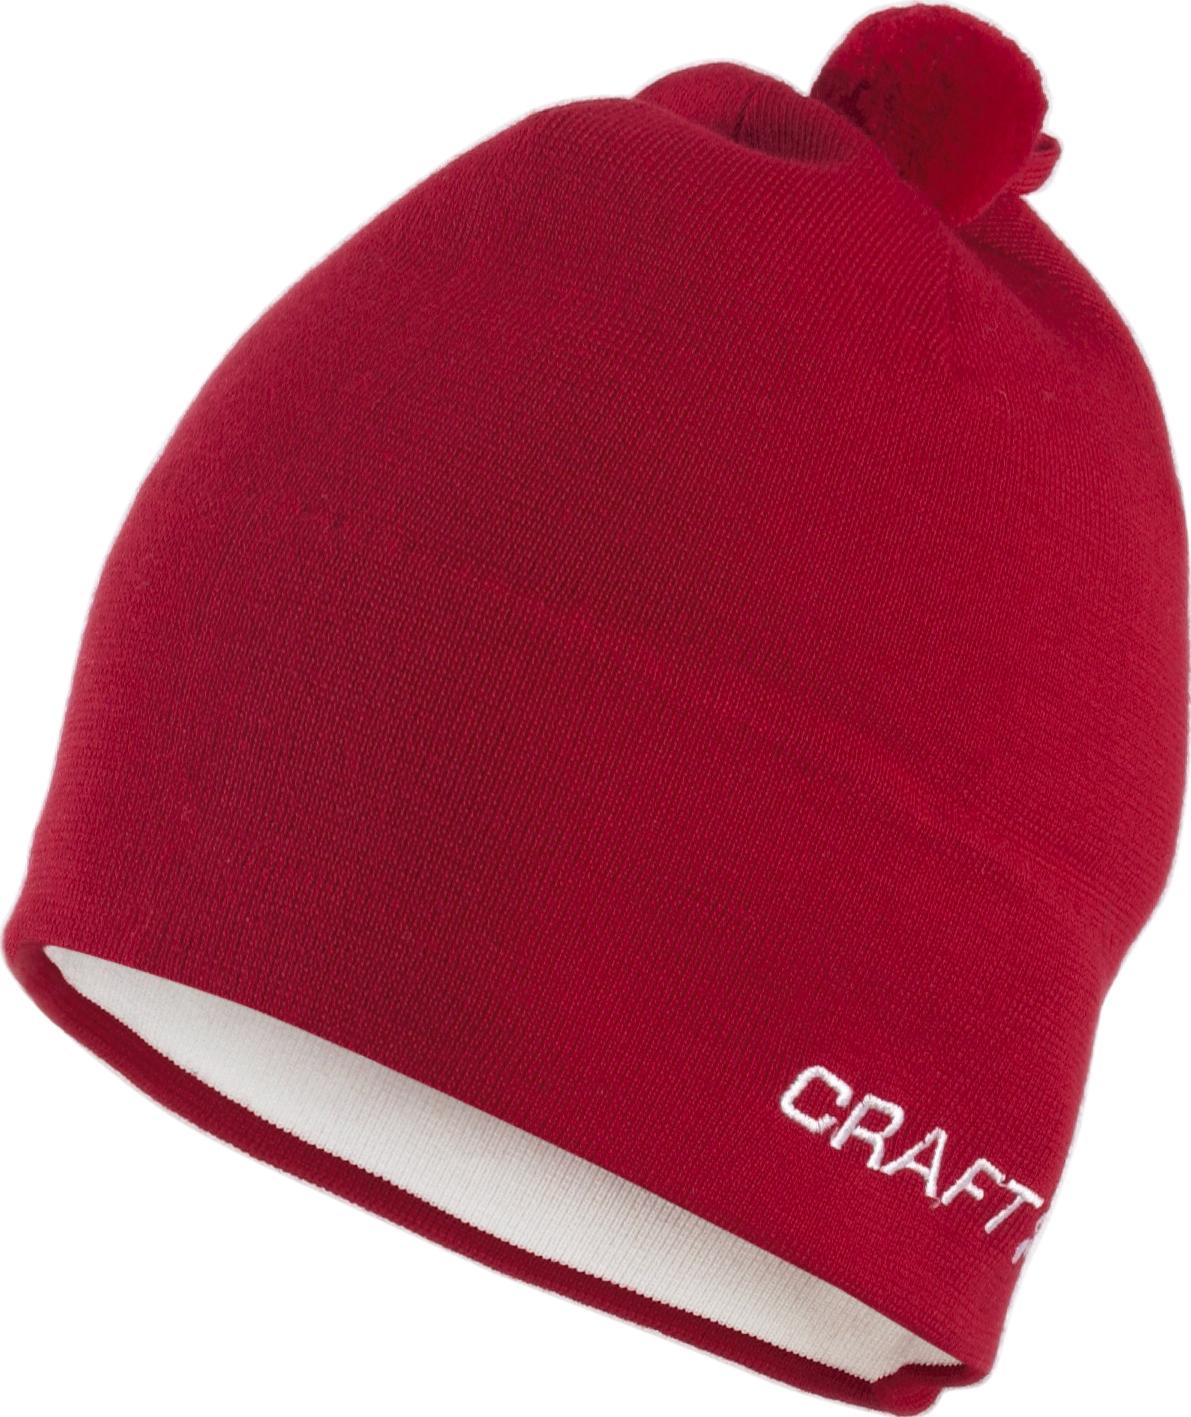 """Женская шапка  """"Craft Adrenaline """" - Интернет-магазин функциональной..."""